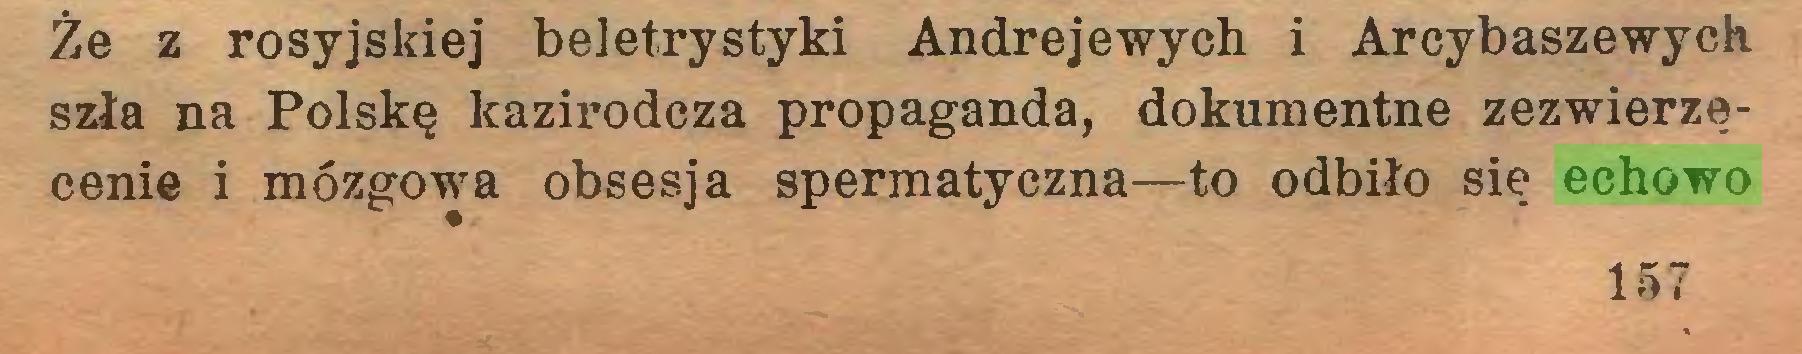 (...) Że z rosyjskiej beletrystyki Andrejewych i Arcybaszewych szła na Polskę kazirodcza propaganda, dokumentne zezwierzęcenie i mózgowa obsesja spermatyczna—to odbiło się echowo 157...